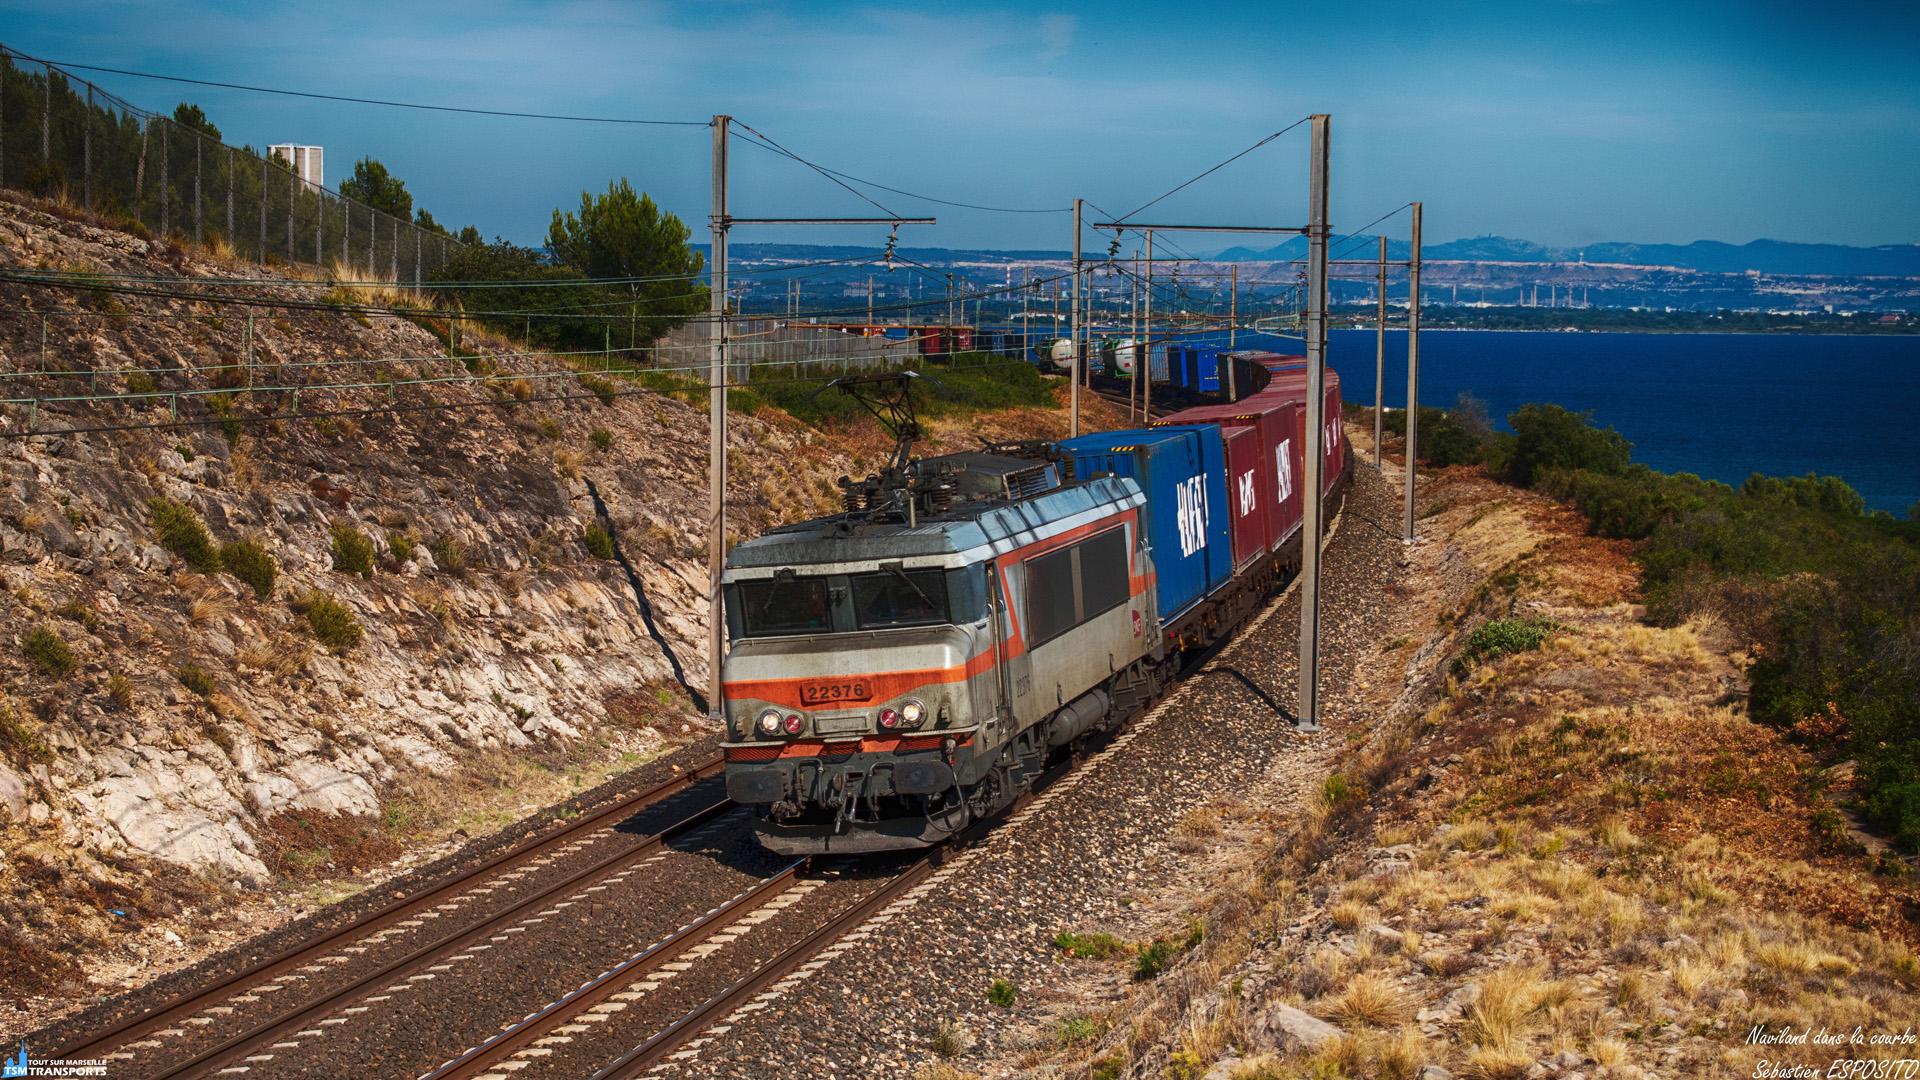 """C'est toujours plaisant de voir passer les naviland, reconnus en partie par leurs compositions hautes en couleurs, celui ci fonce sur Vénissieux et est aperçu à Saint Chamas sur fond d'étang de Berre. . ℹ️ Alsthom - MTE BB22200 (BB22376) baptisée """"Douai"""" SNCF / Naviland Cargo. . 📍 D10, 13250 Saint Chamas, France. . ↔️ Marseille Canet - Vénissieux. . 📸 Nikon D5600. . 📷 Nikkor 18-55mm. . 📅 16 Juillet 2019 à 16:00. . 👨 Sébastien ESPOSITO accompagné de @lordregio13 ."""